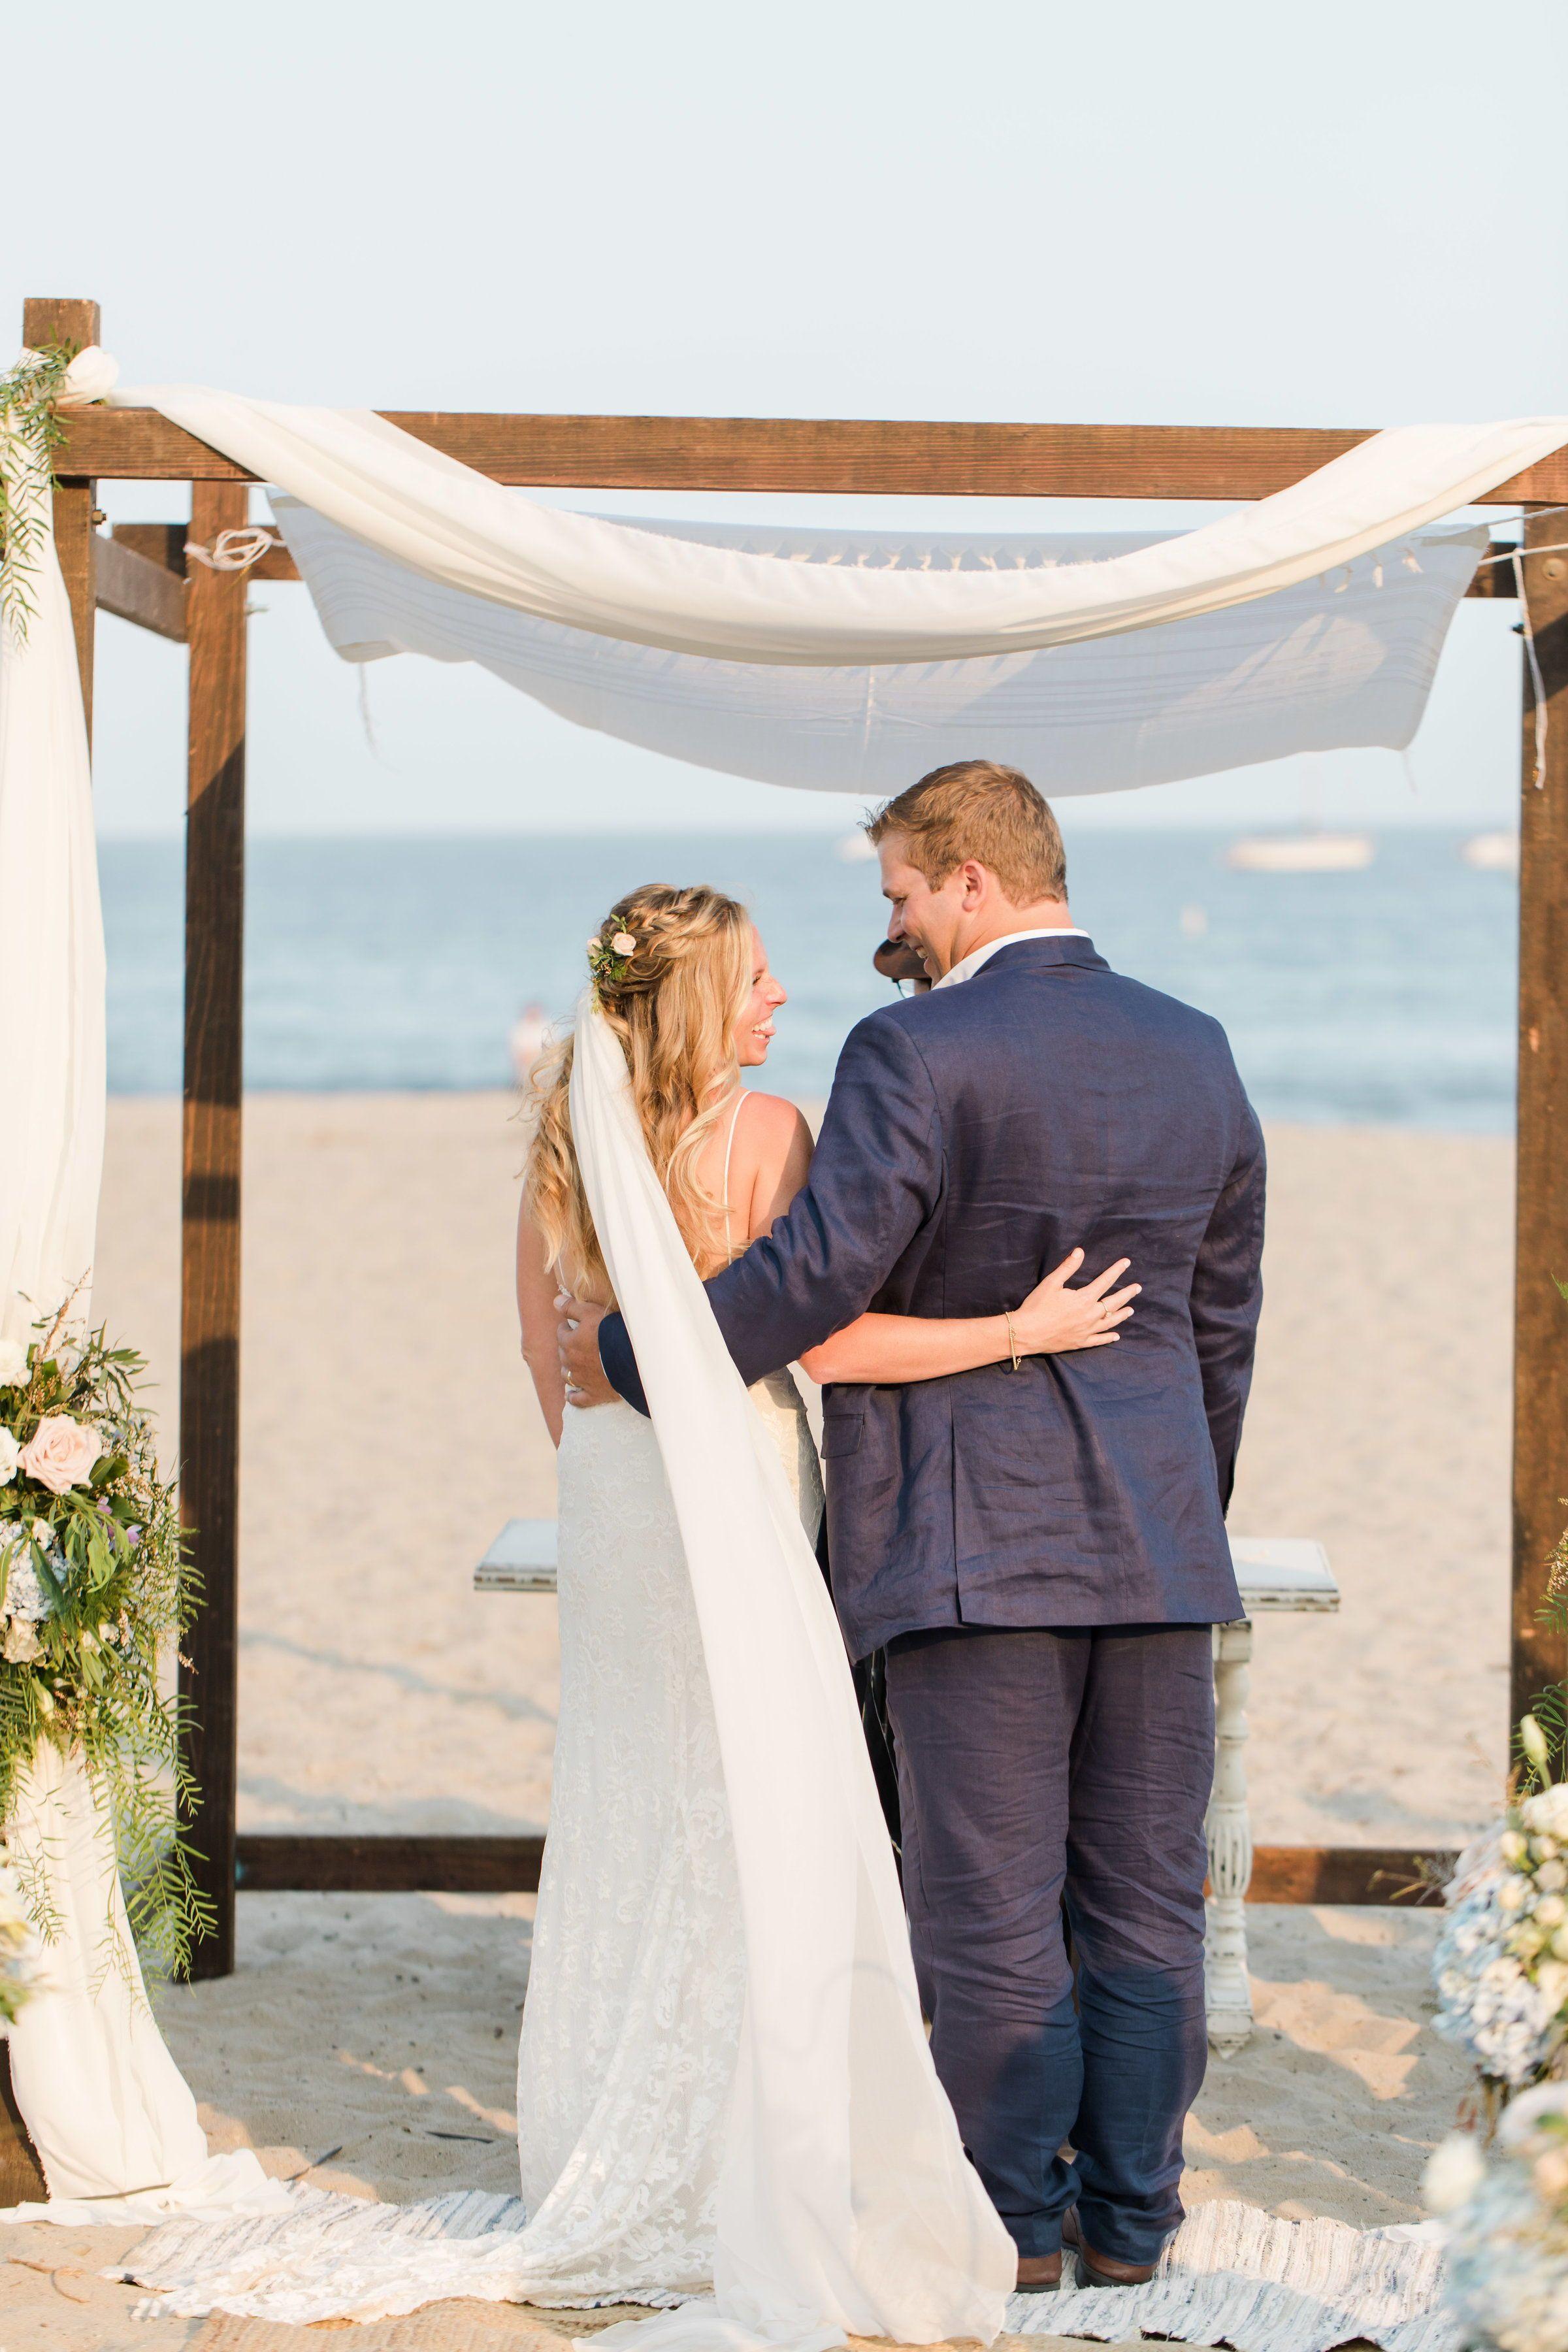 Beach wedding decorations diy  Alex u Harrison  Alex u Harrison Santa Barbara Beach Wedding